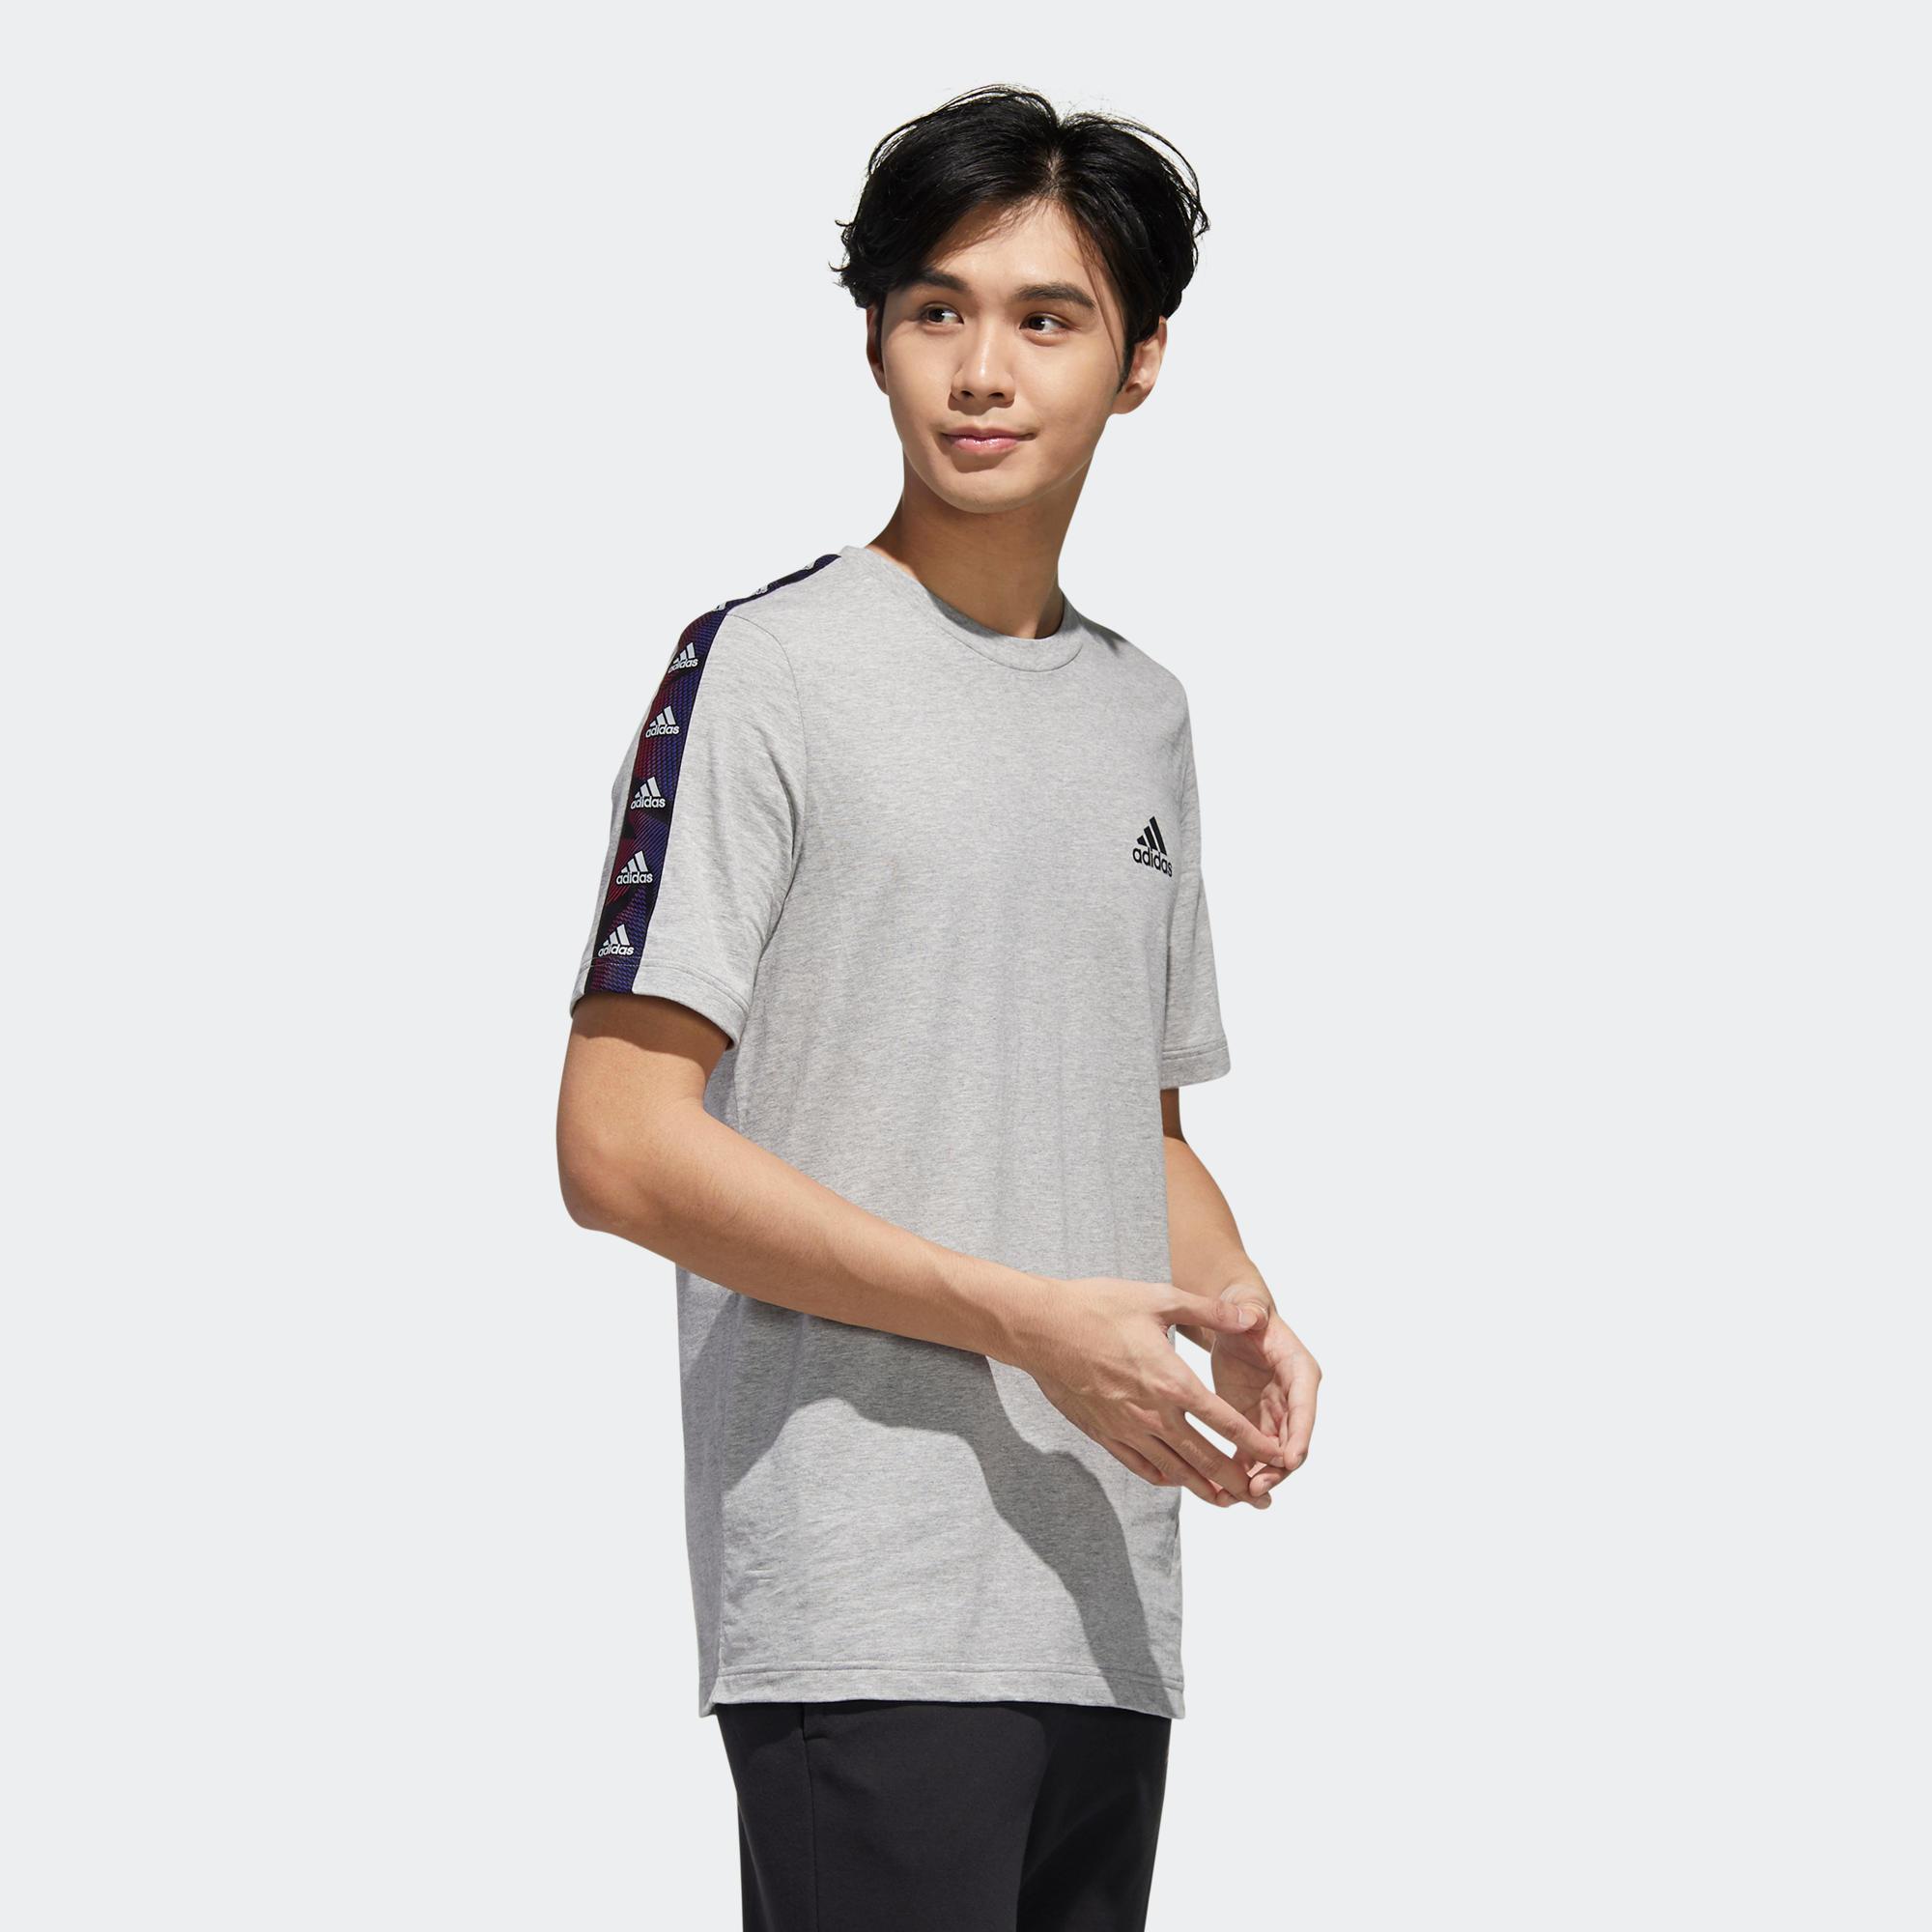 Tricou Adidas gri bărbați imagine